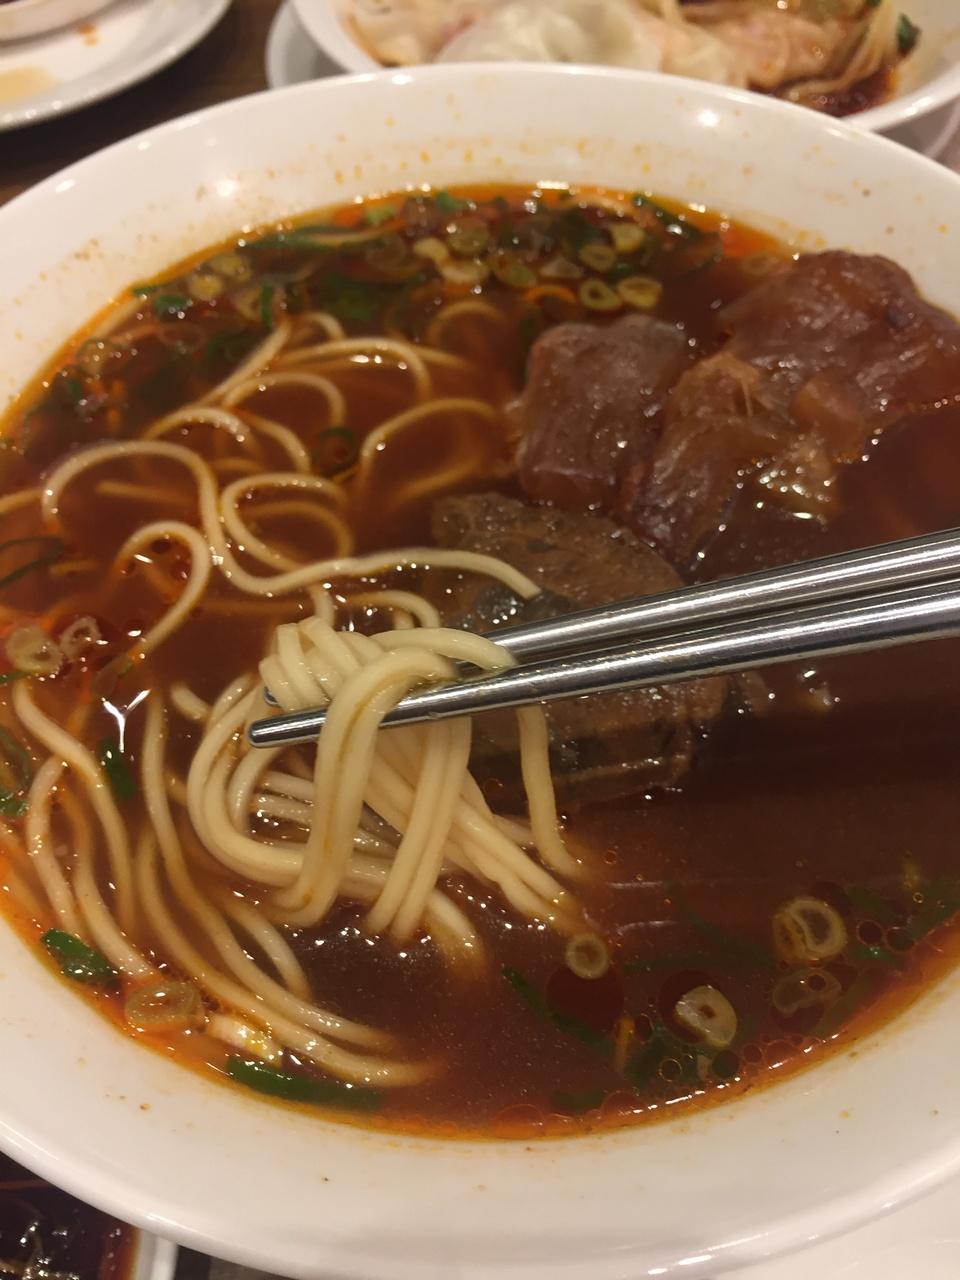 Picture: din tai fung taipei original blog.